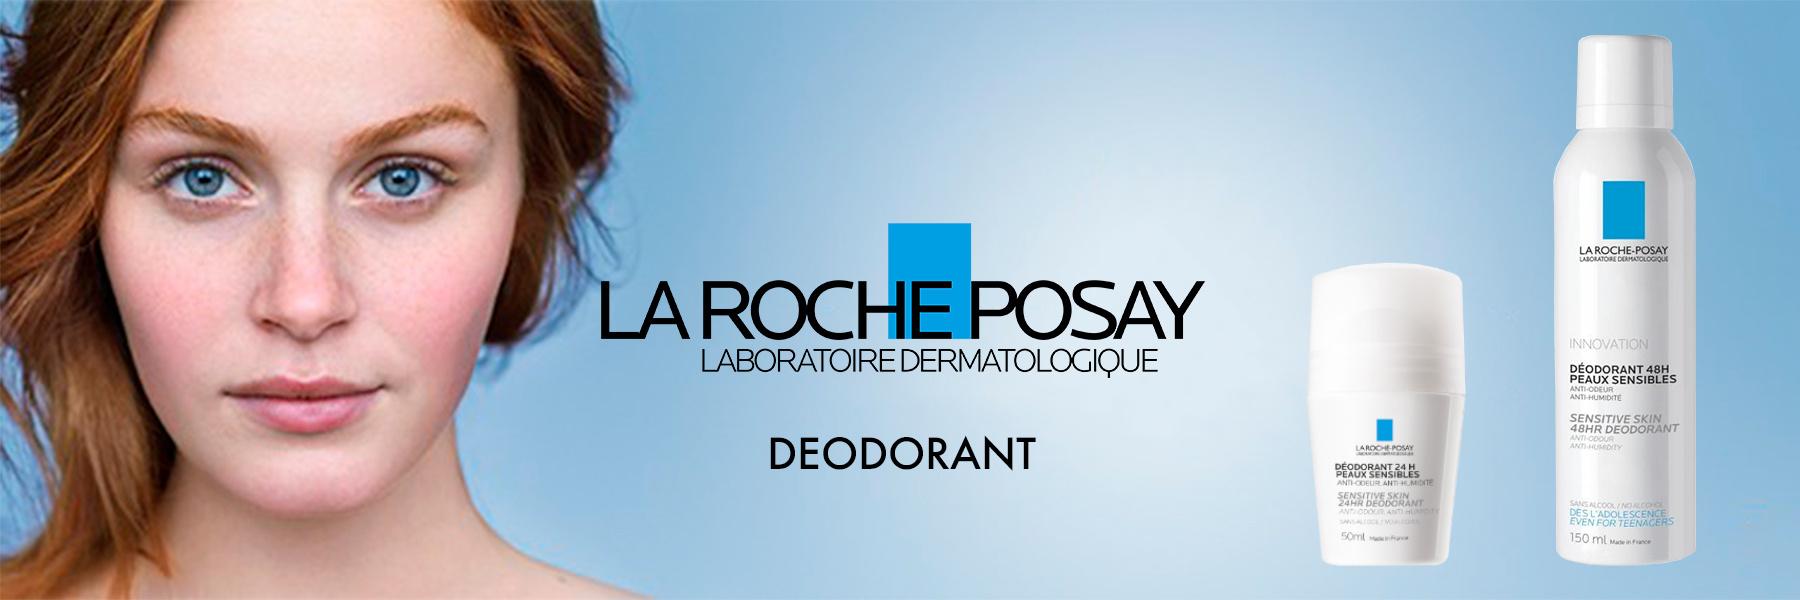 La Roche Posay Deodorant